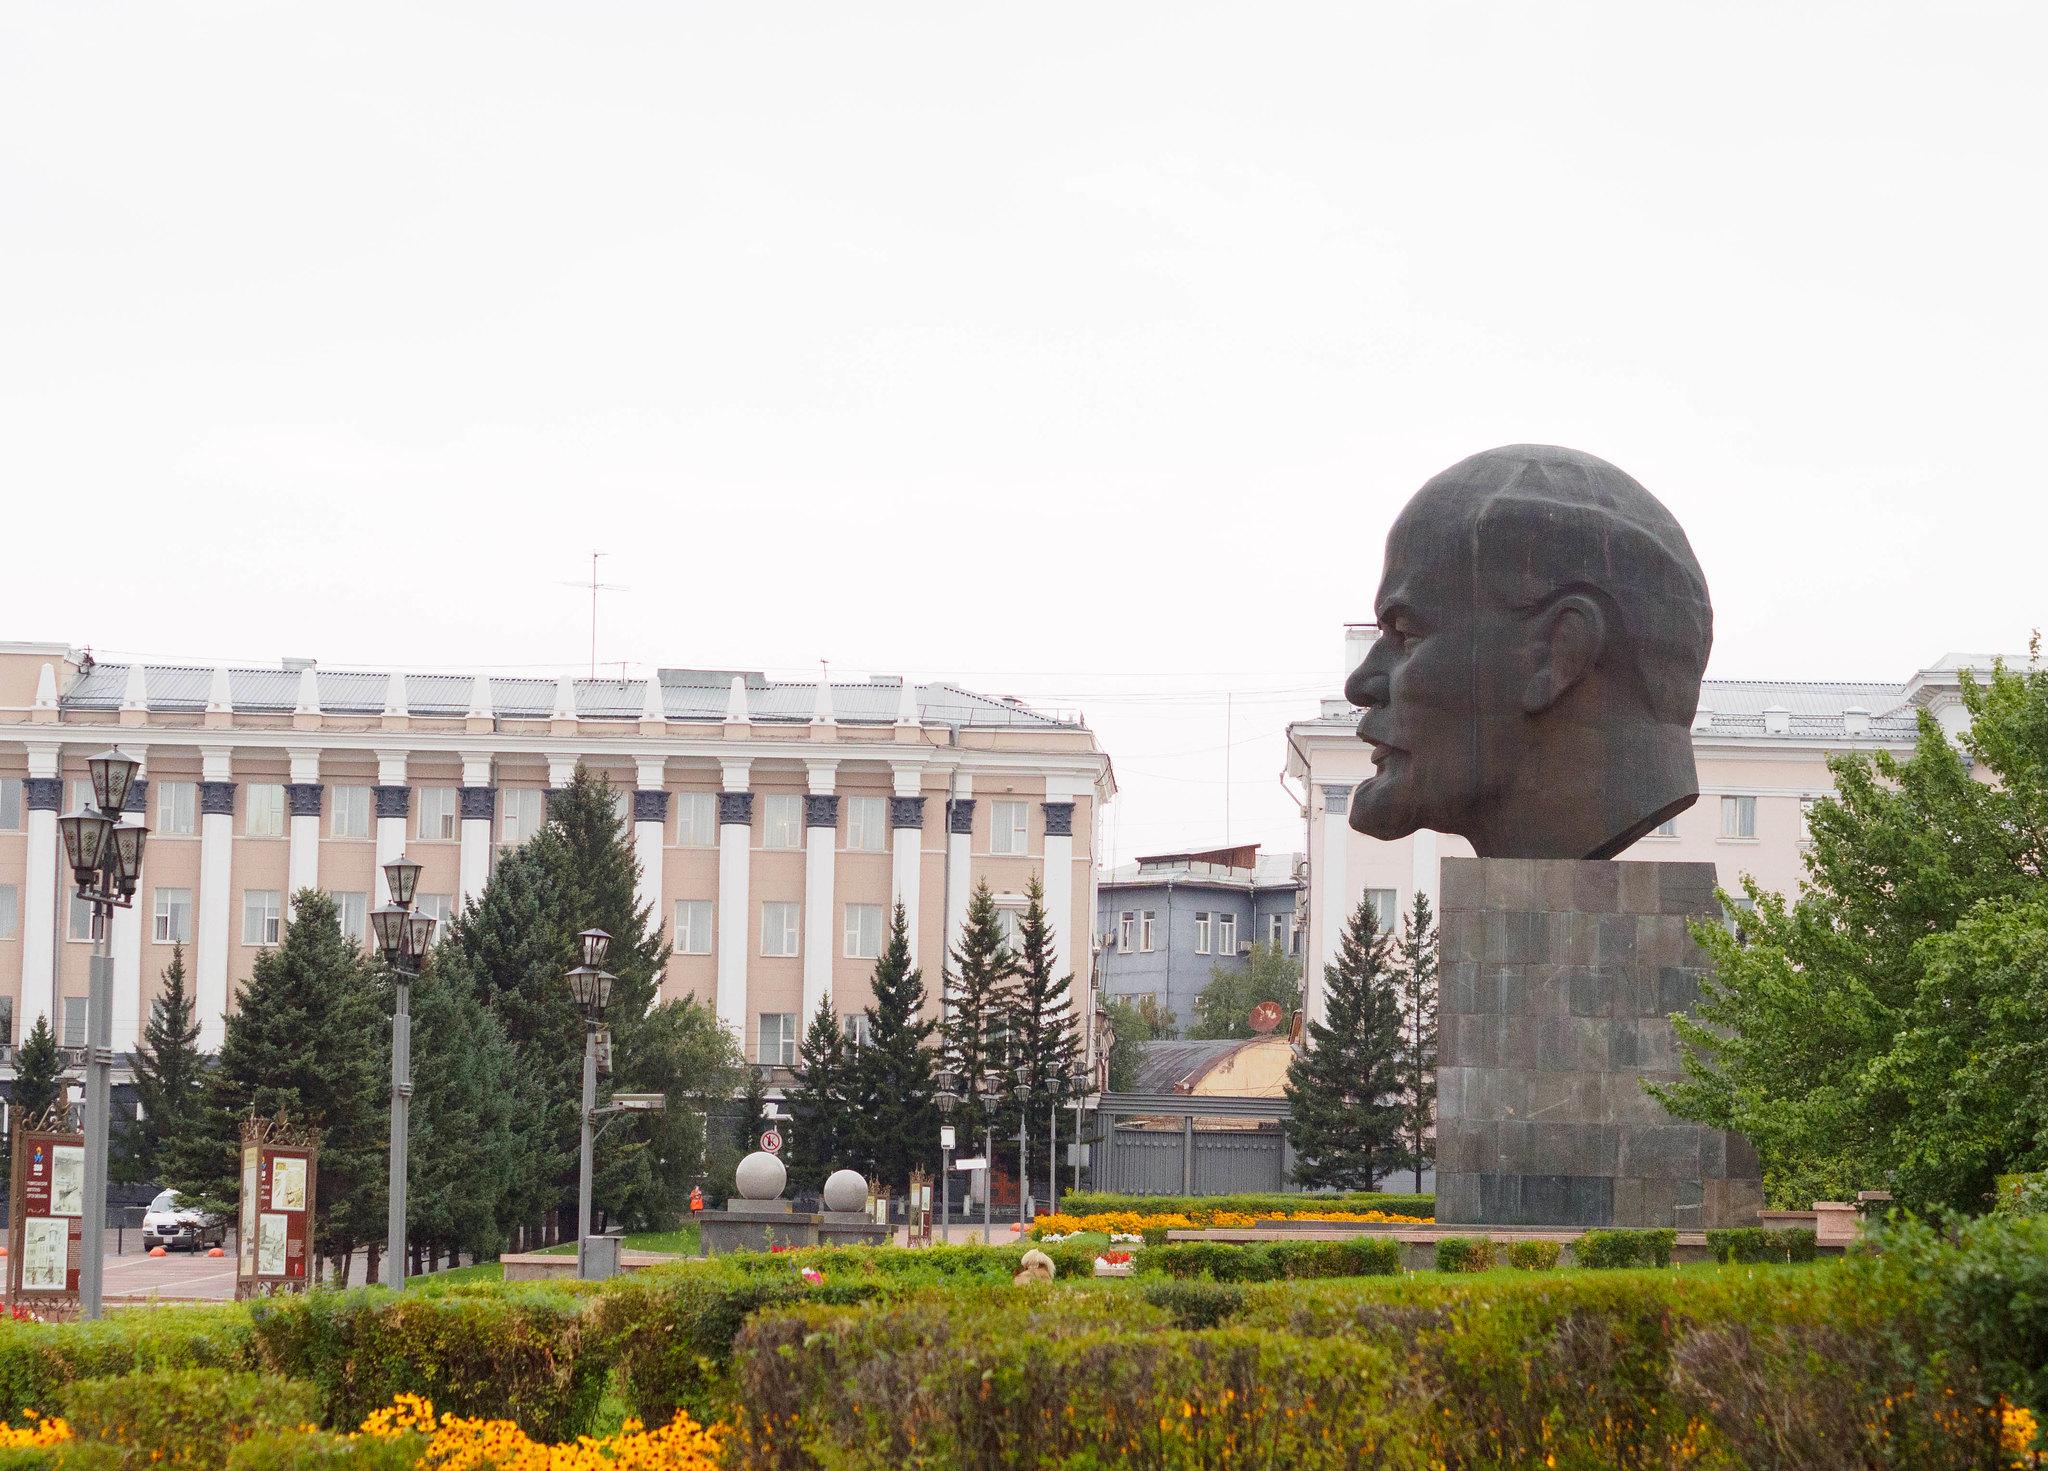 Největší Leninova hlava na světě // The biggest Lenin's head in the World